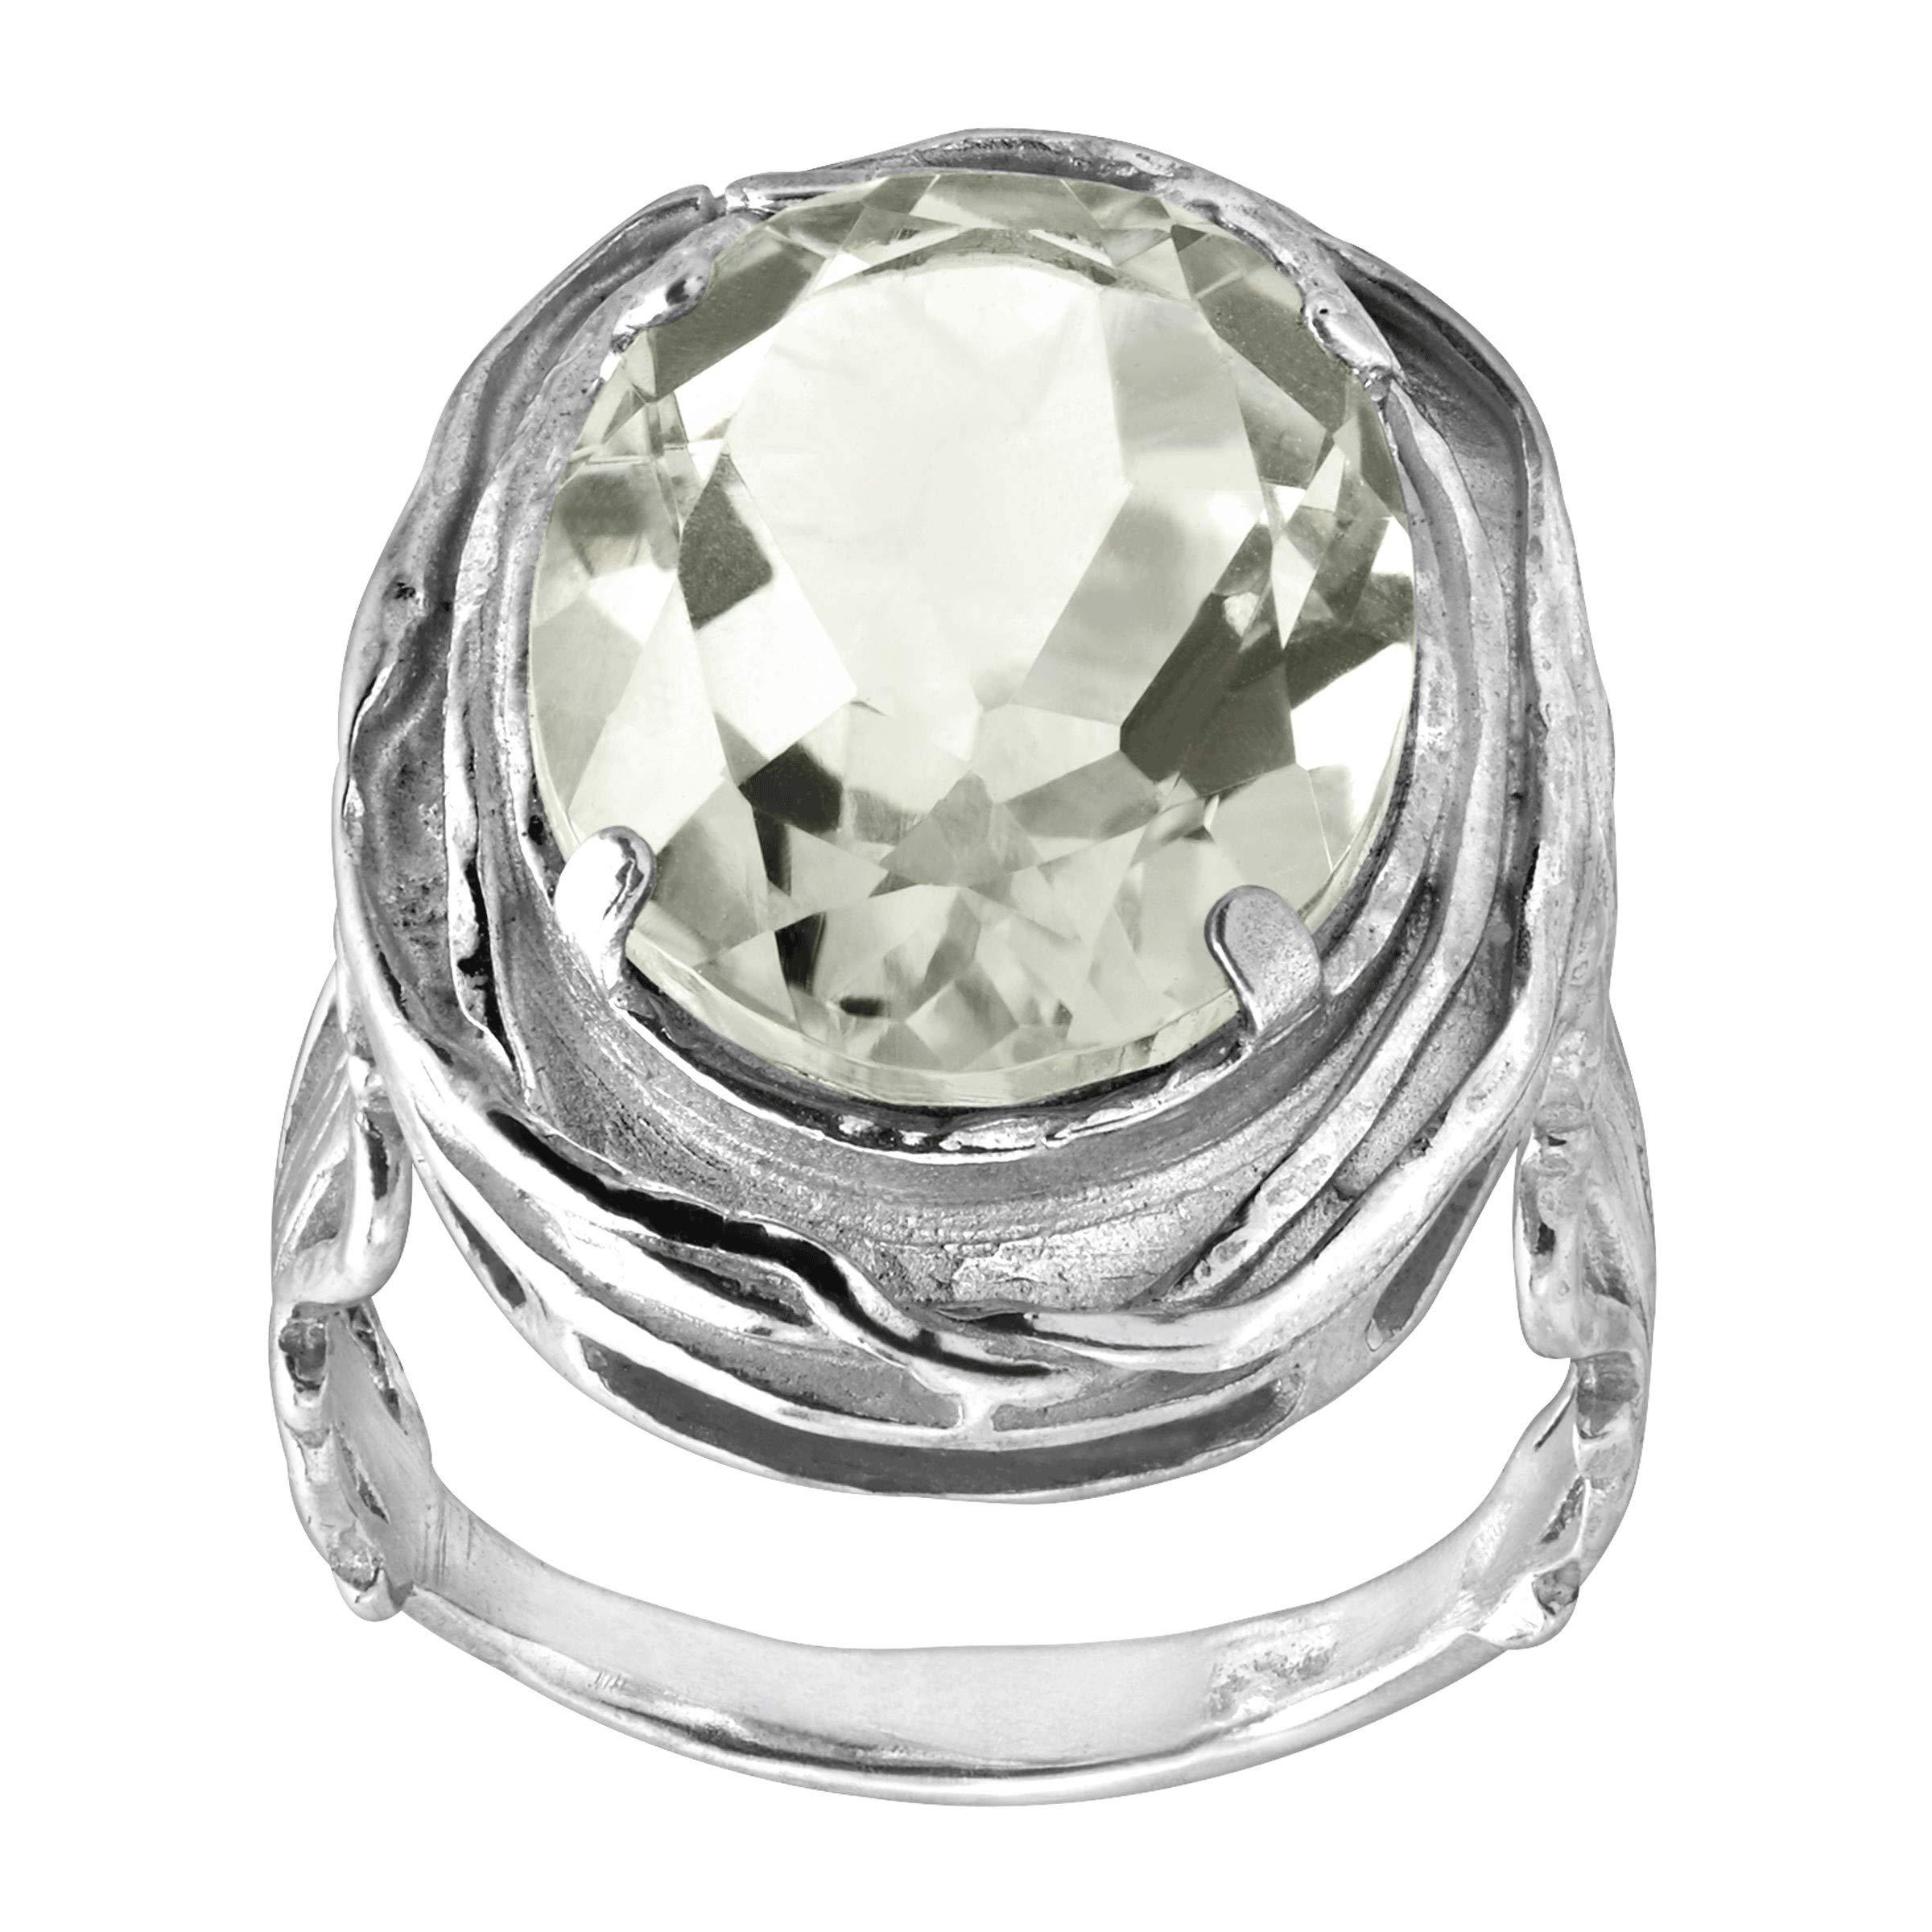 Silpada Royal Flush Ring